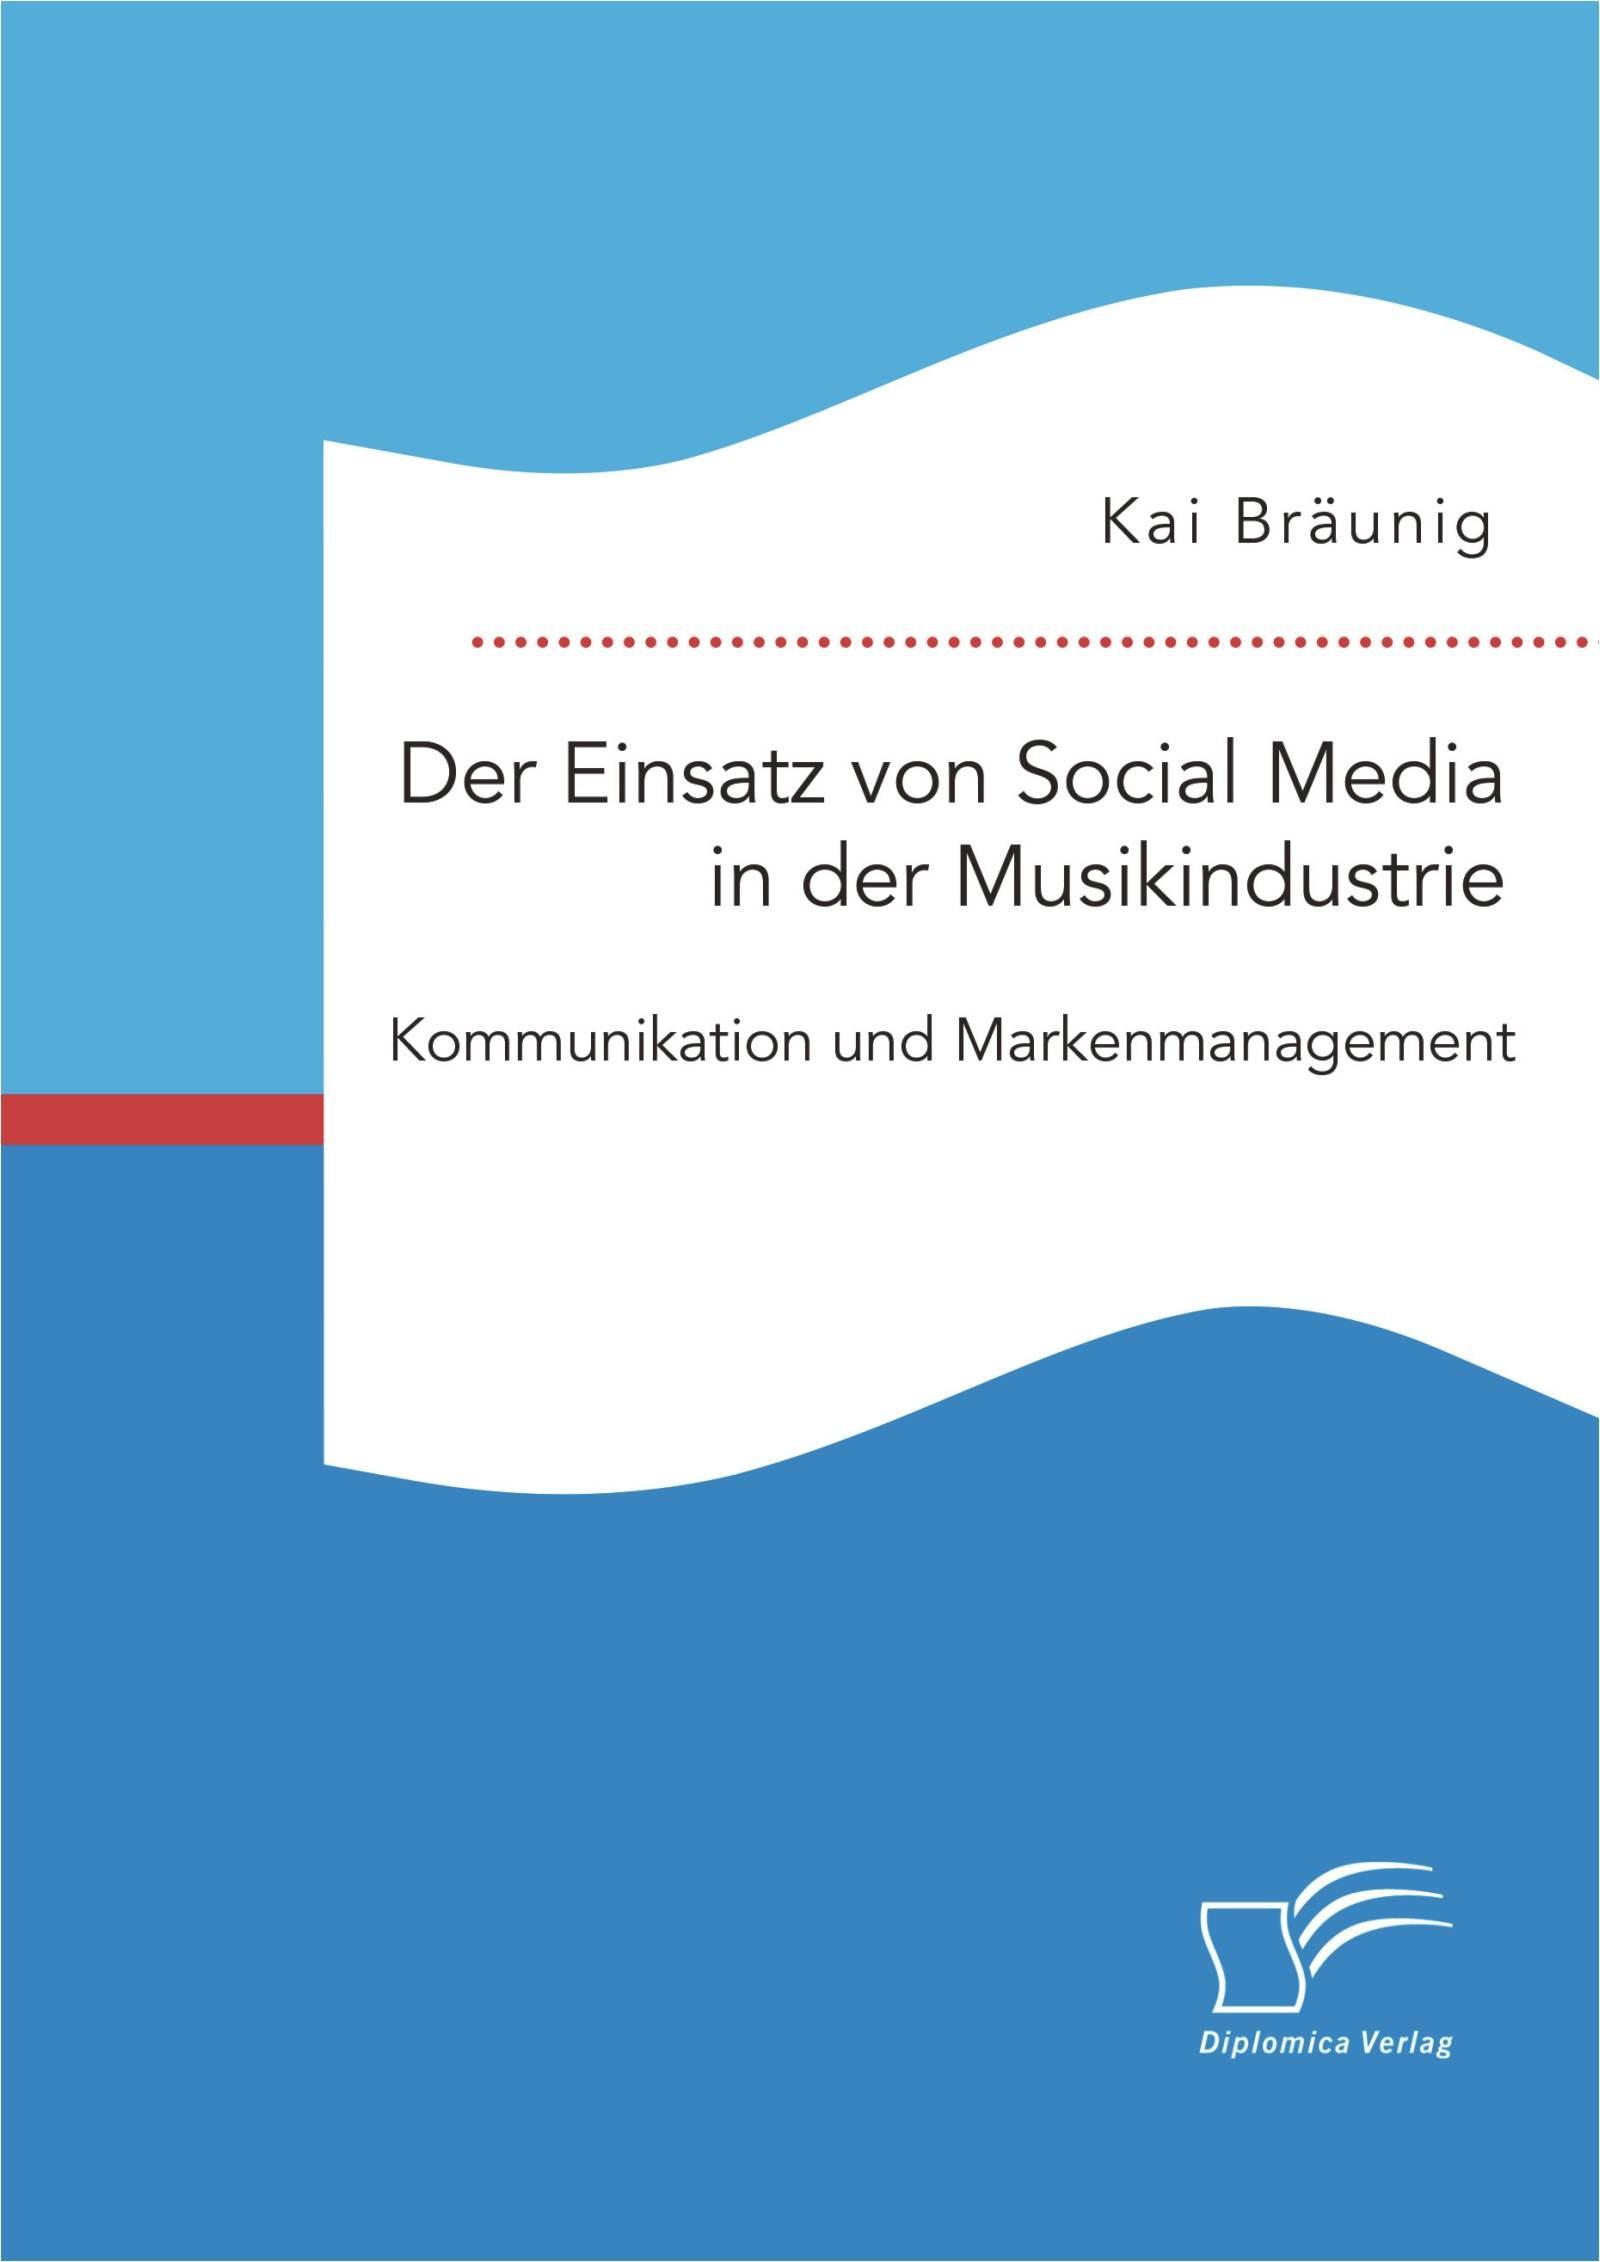 Der Einsatz von Social Media in der Musikindustrie: Kommunikation und Markenmanagement | Bräunig | Erstauflage, 2015 | Buch (Cover)